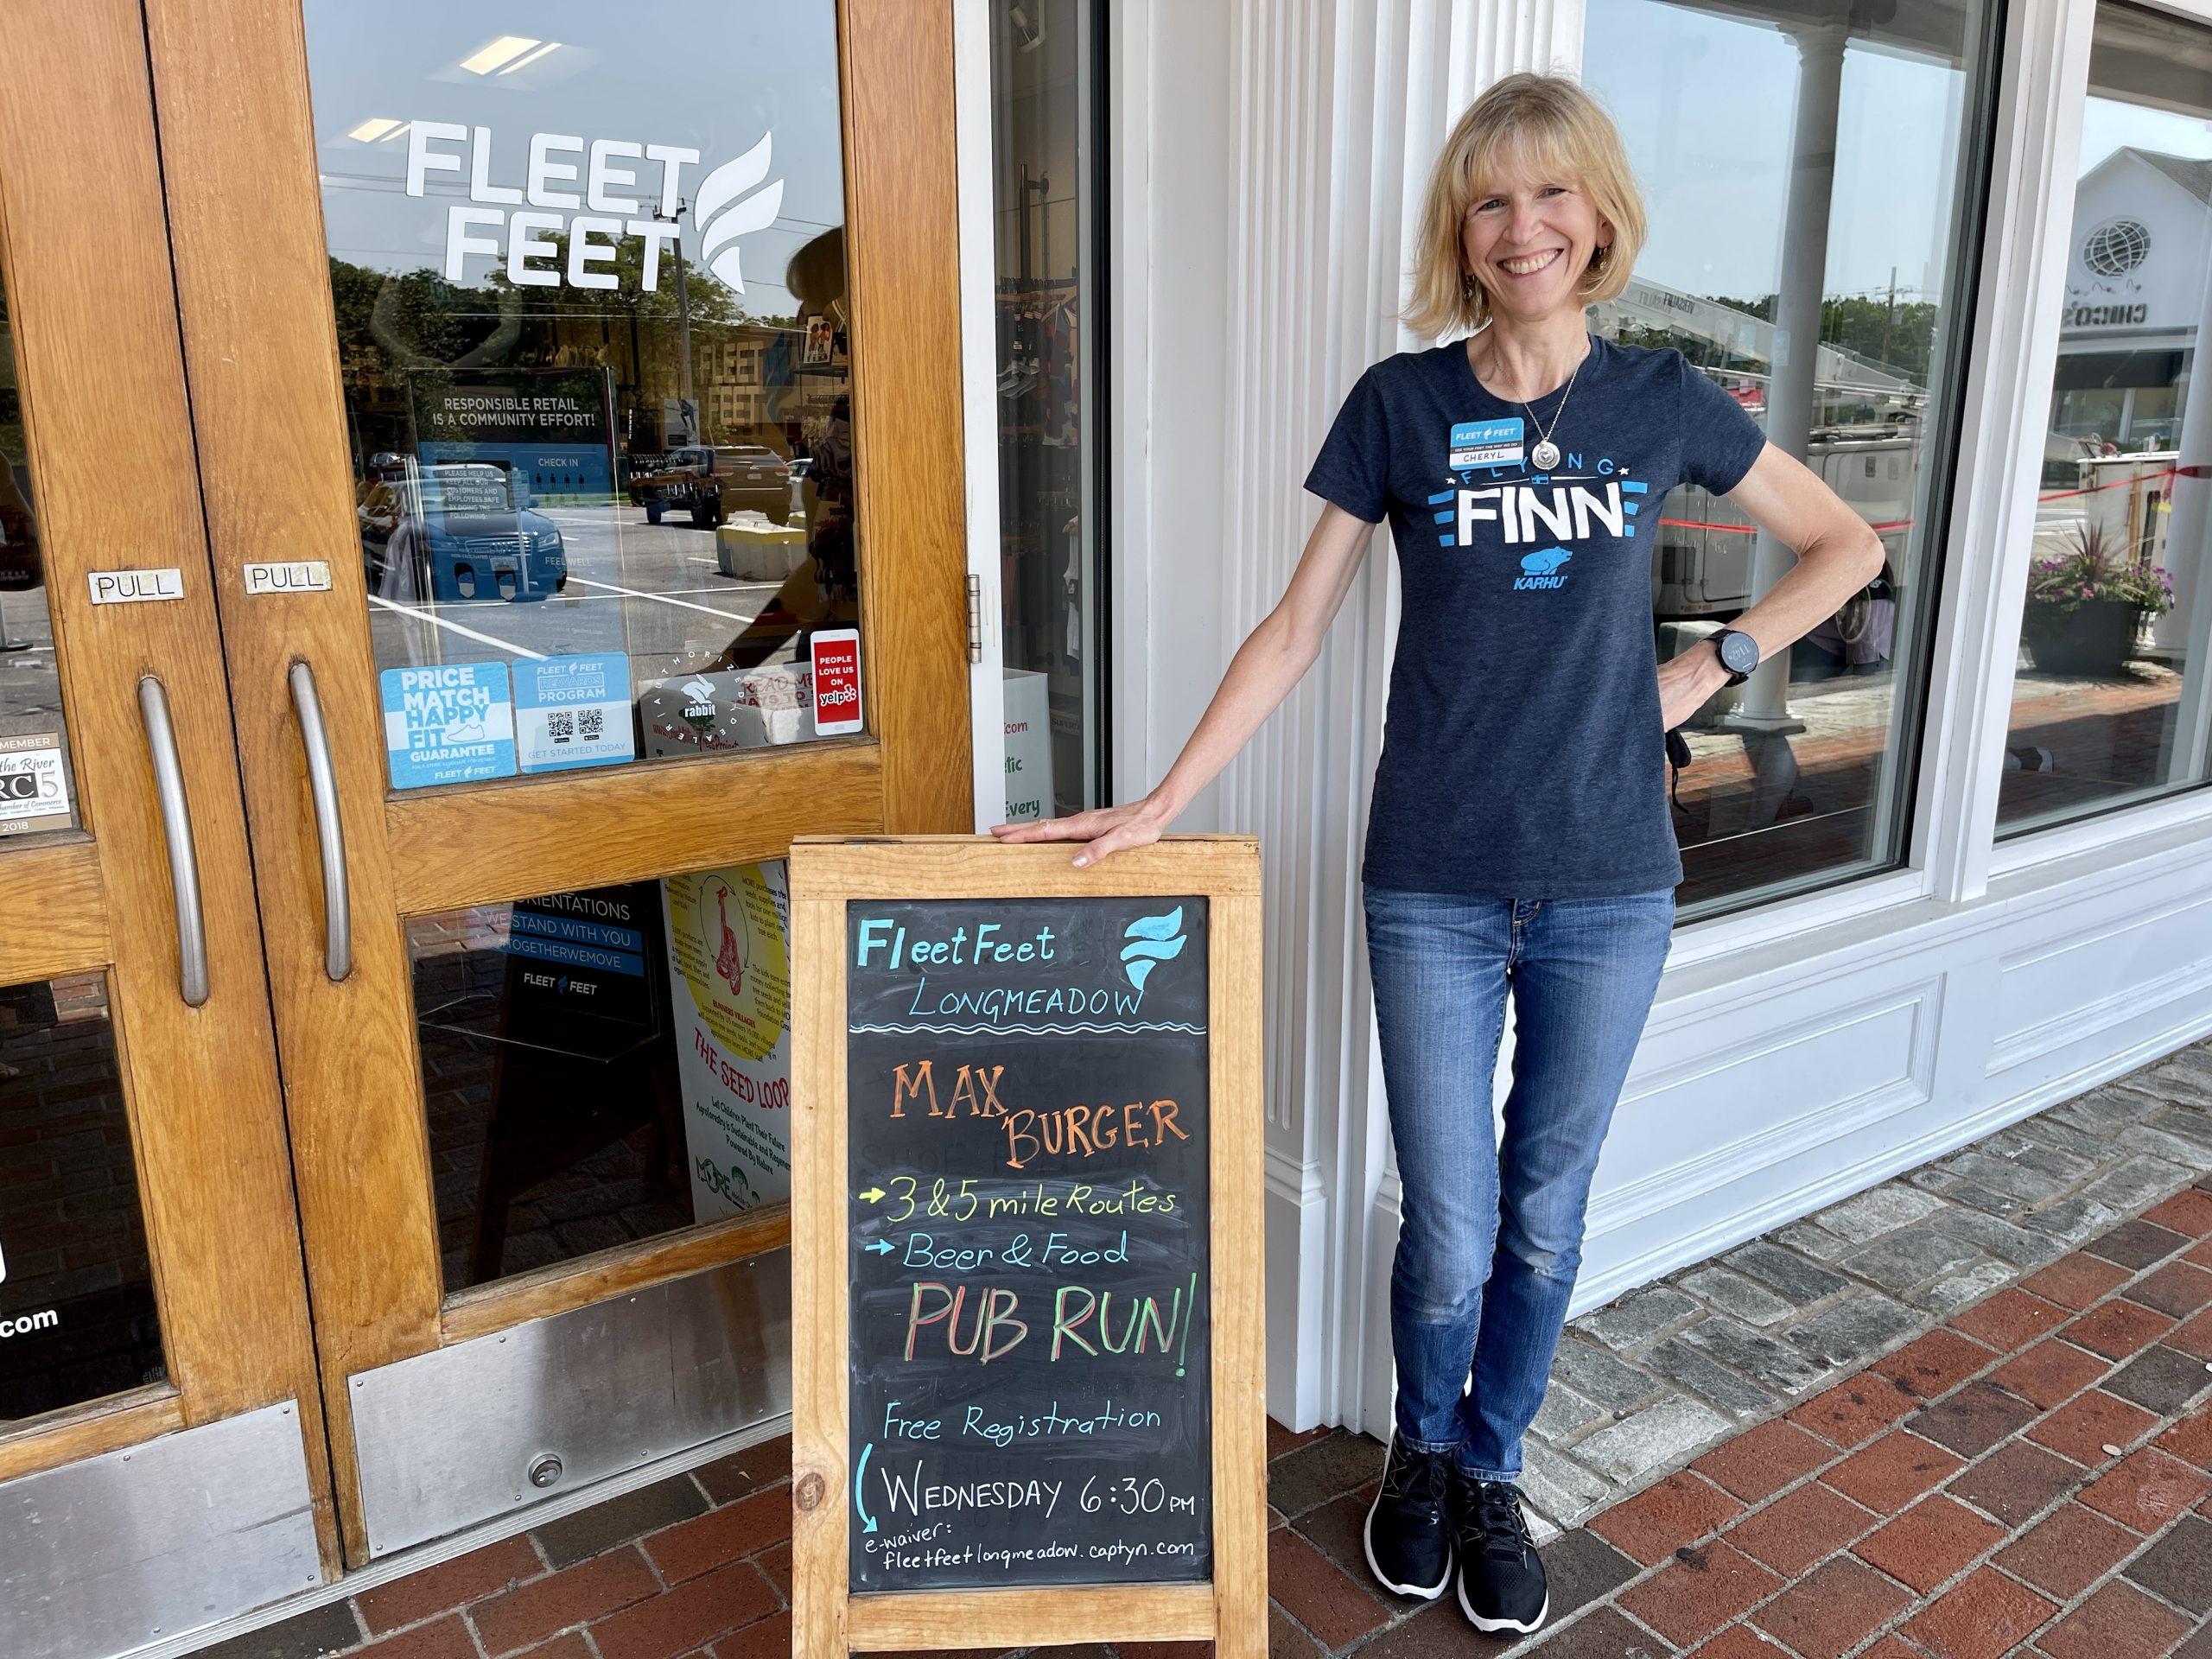 Fleet Feet Max Burger Pub Run